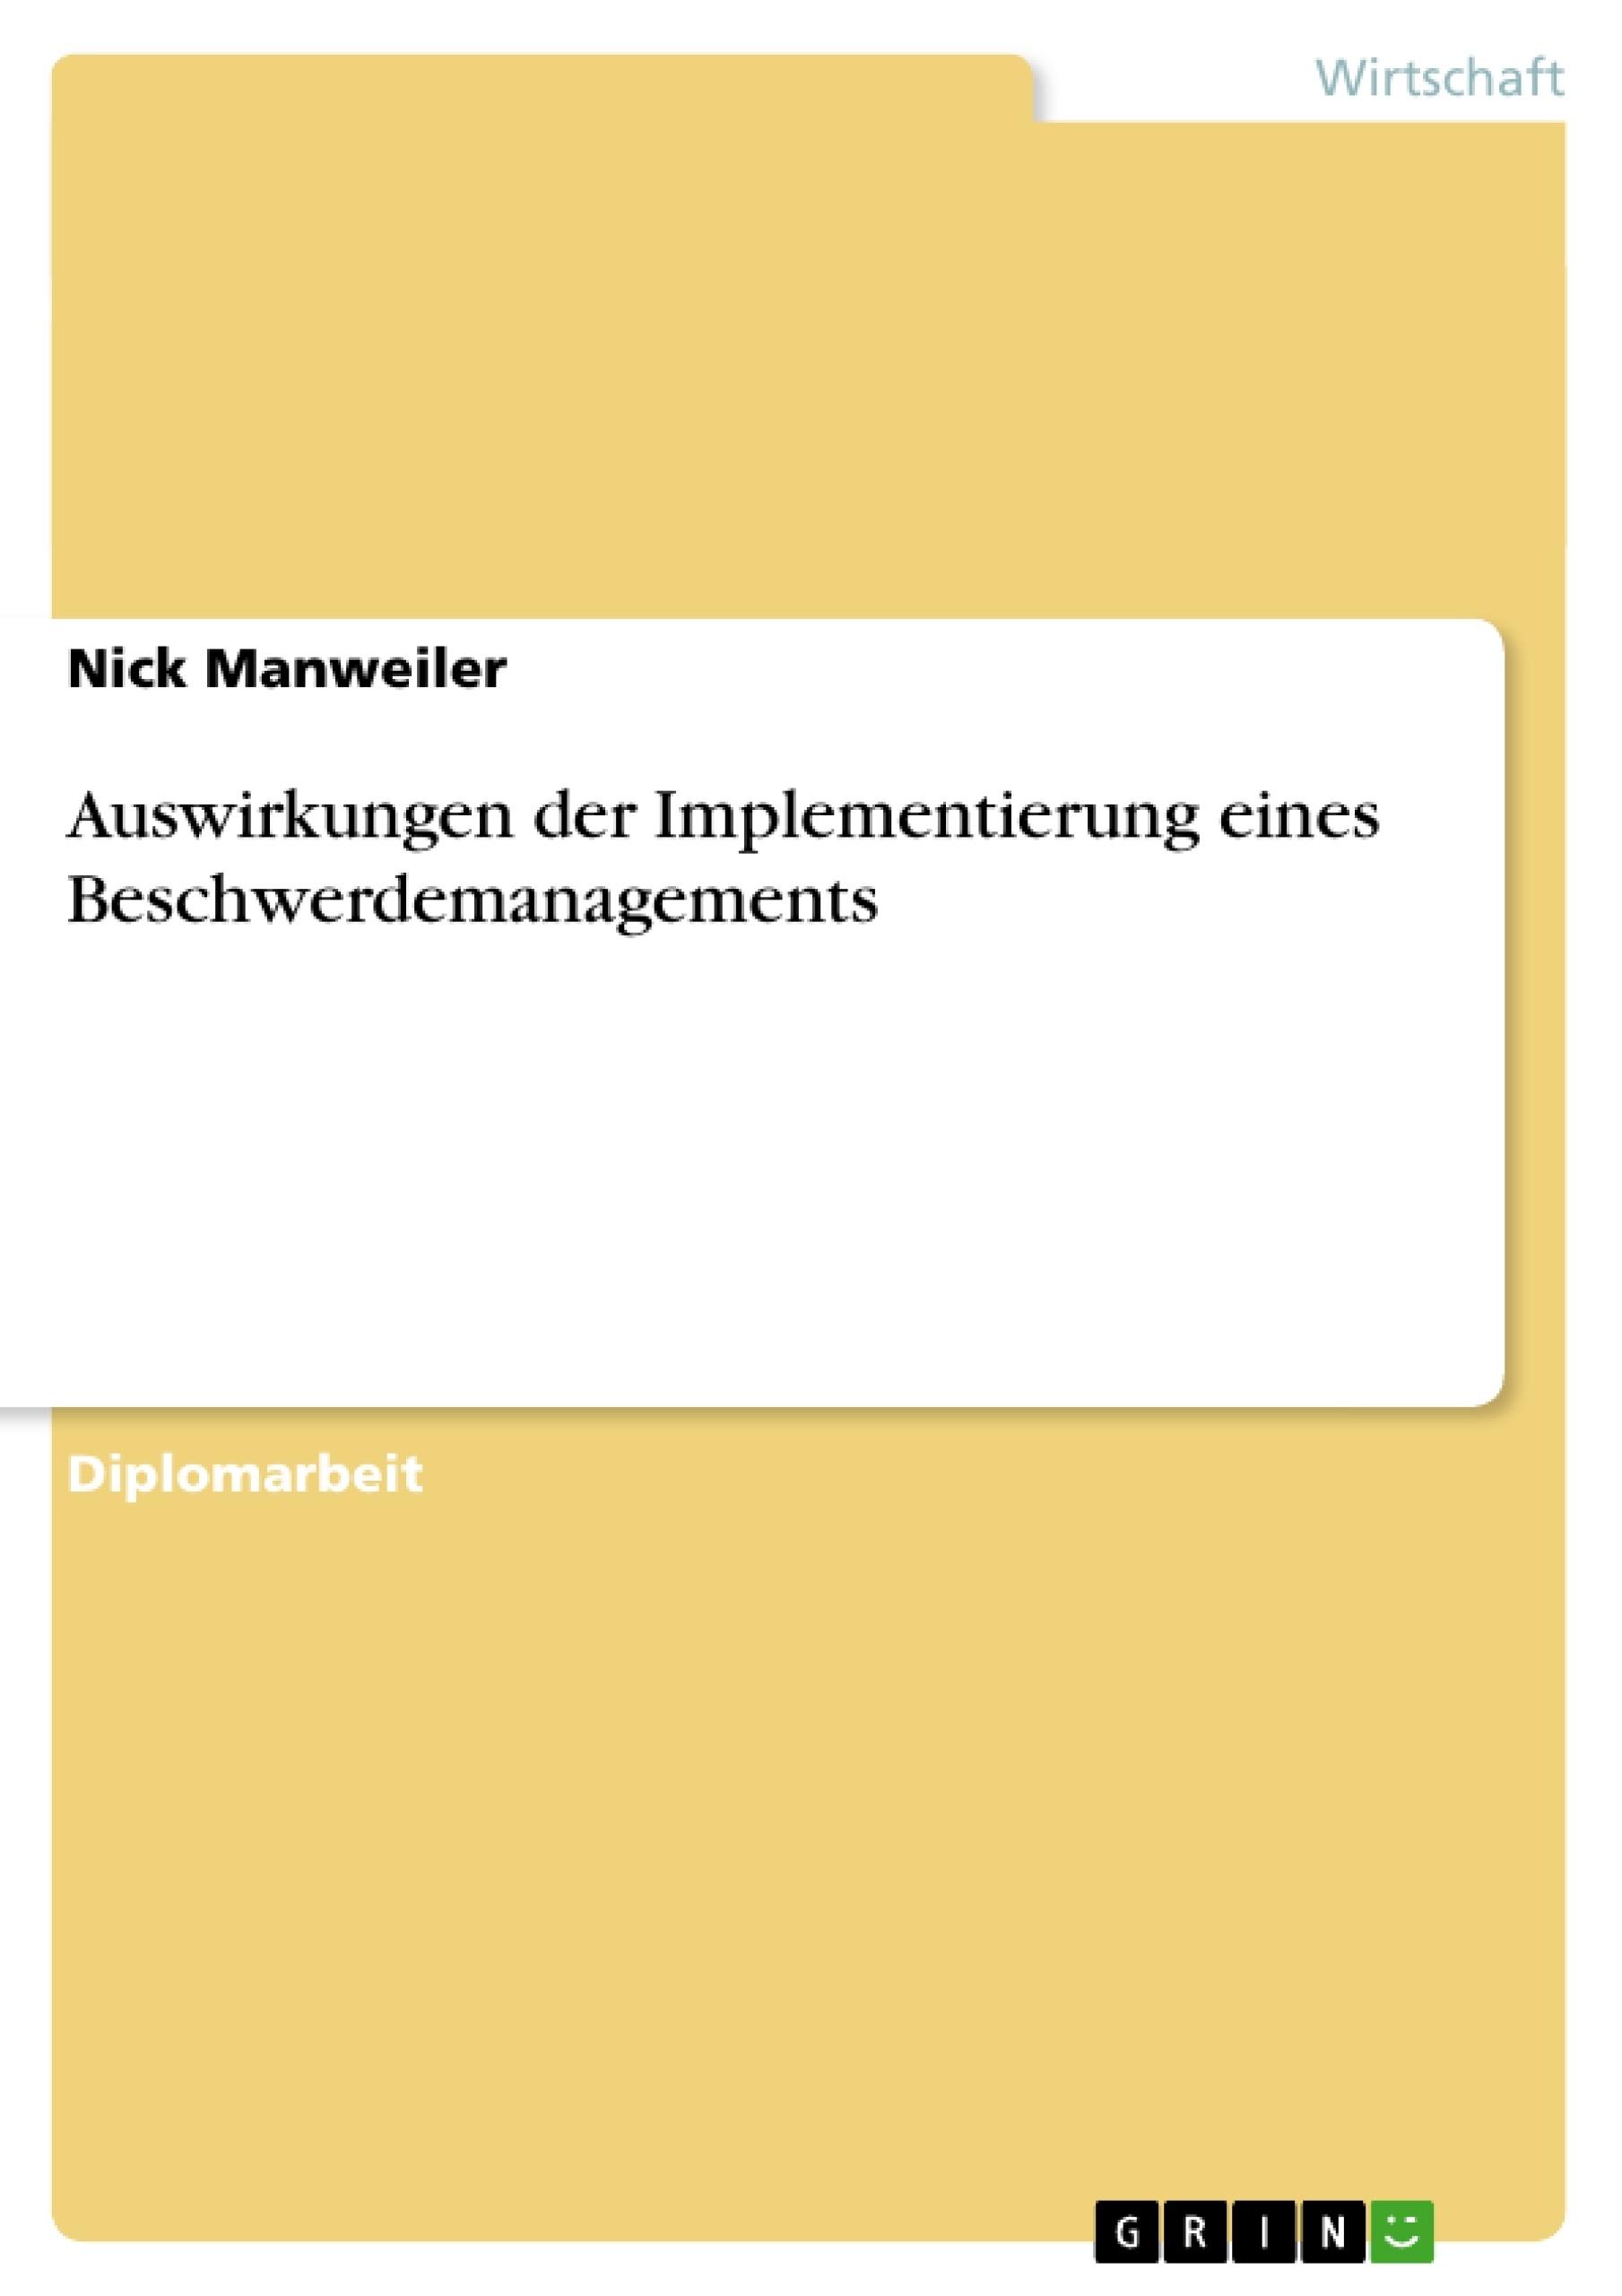 Titel: Auswirkungen der Implementierung eines Beschwerdemanagements